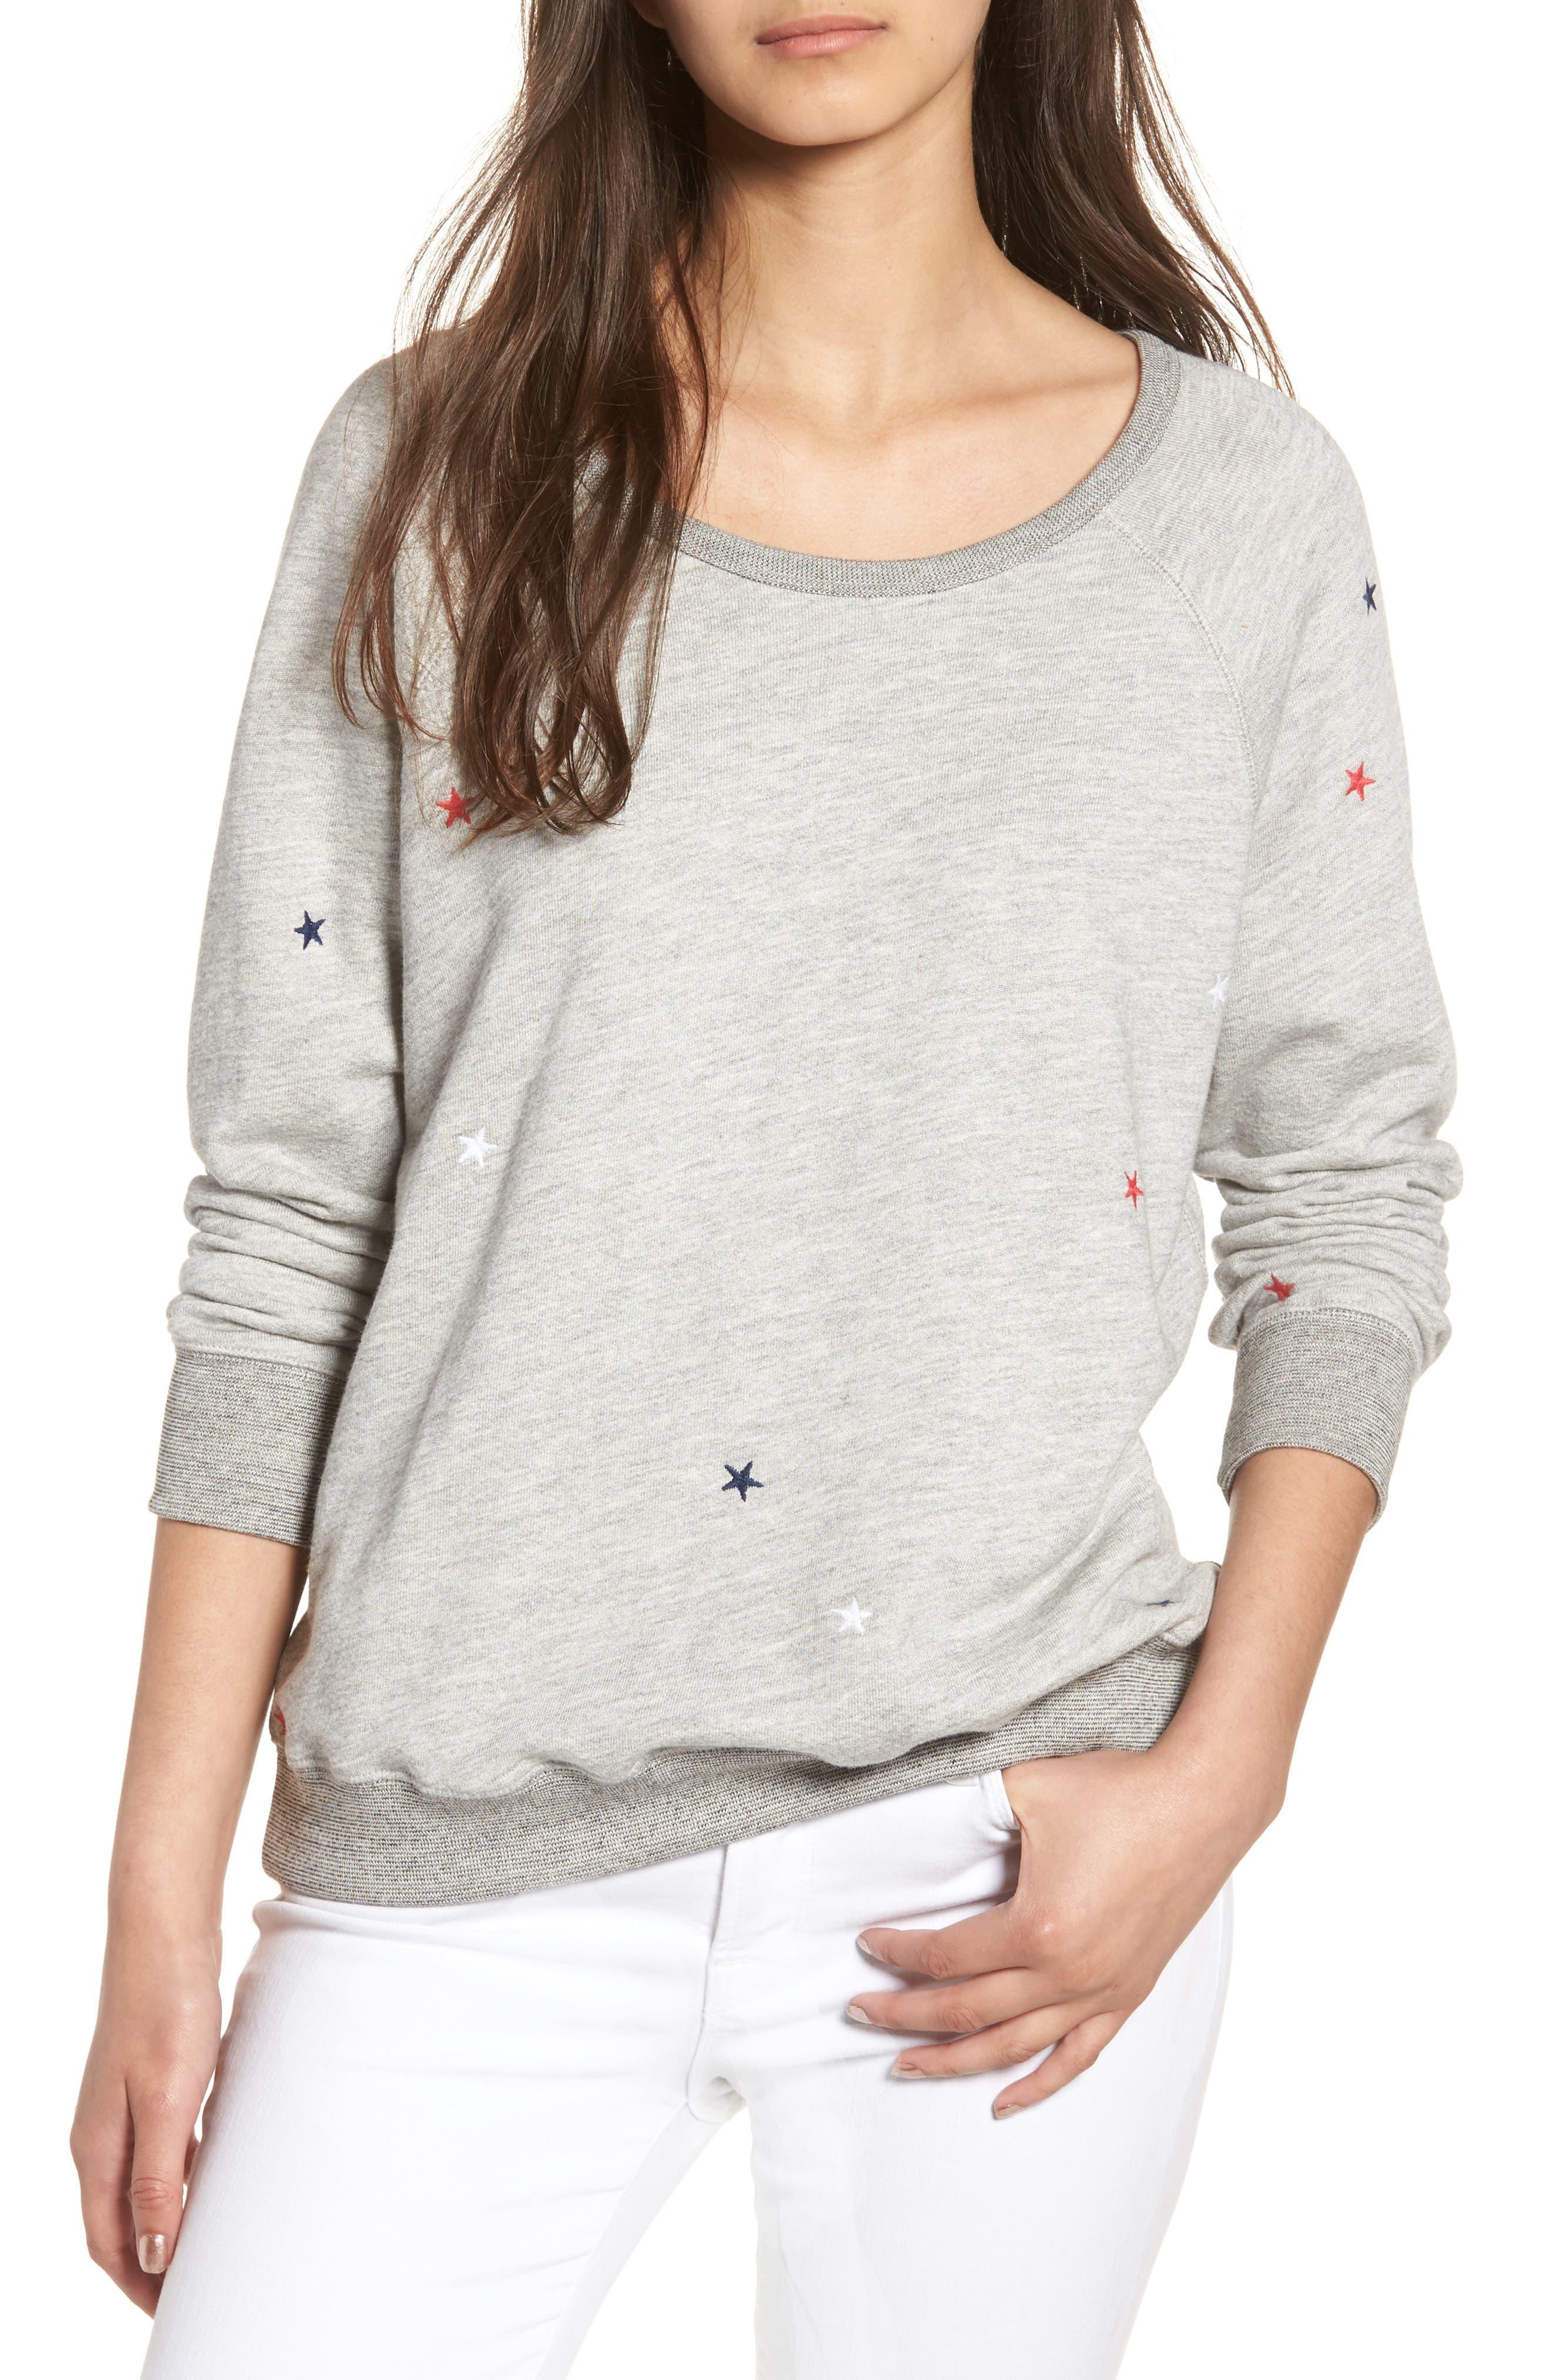 Sundry Stars Sweatshirt (Nordstrom Exclusive)